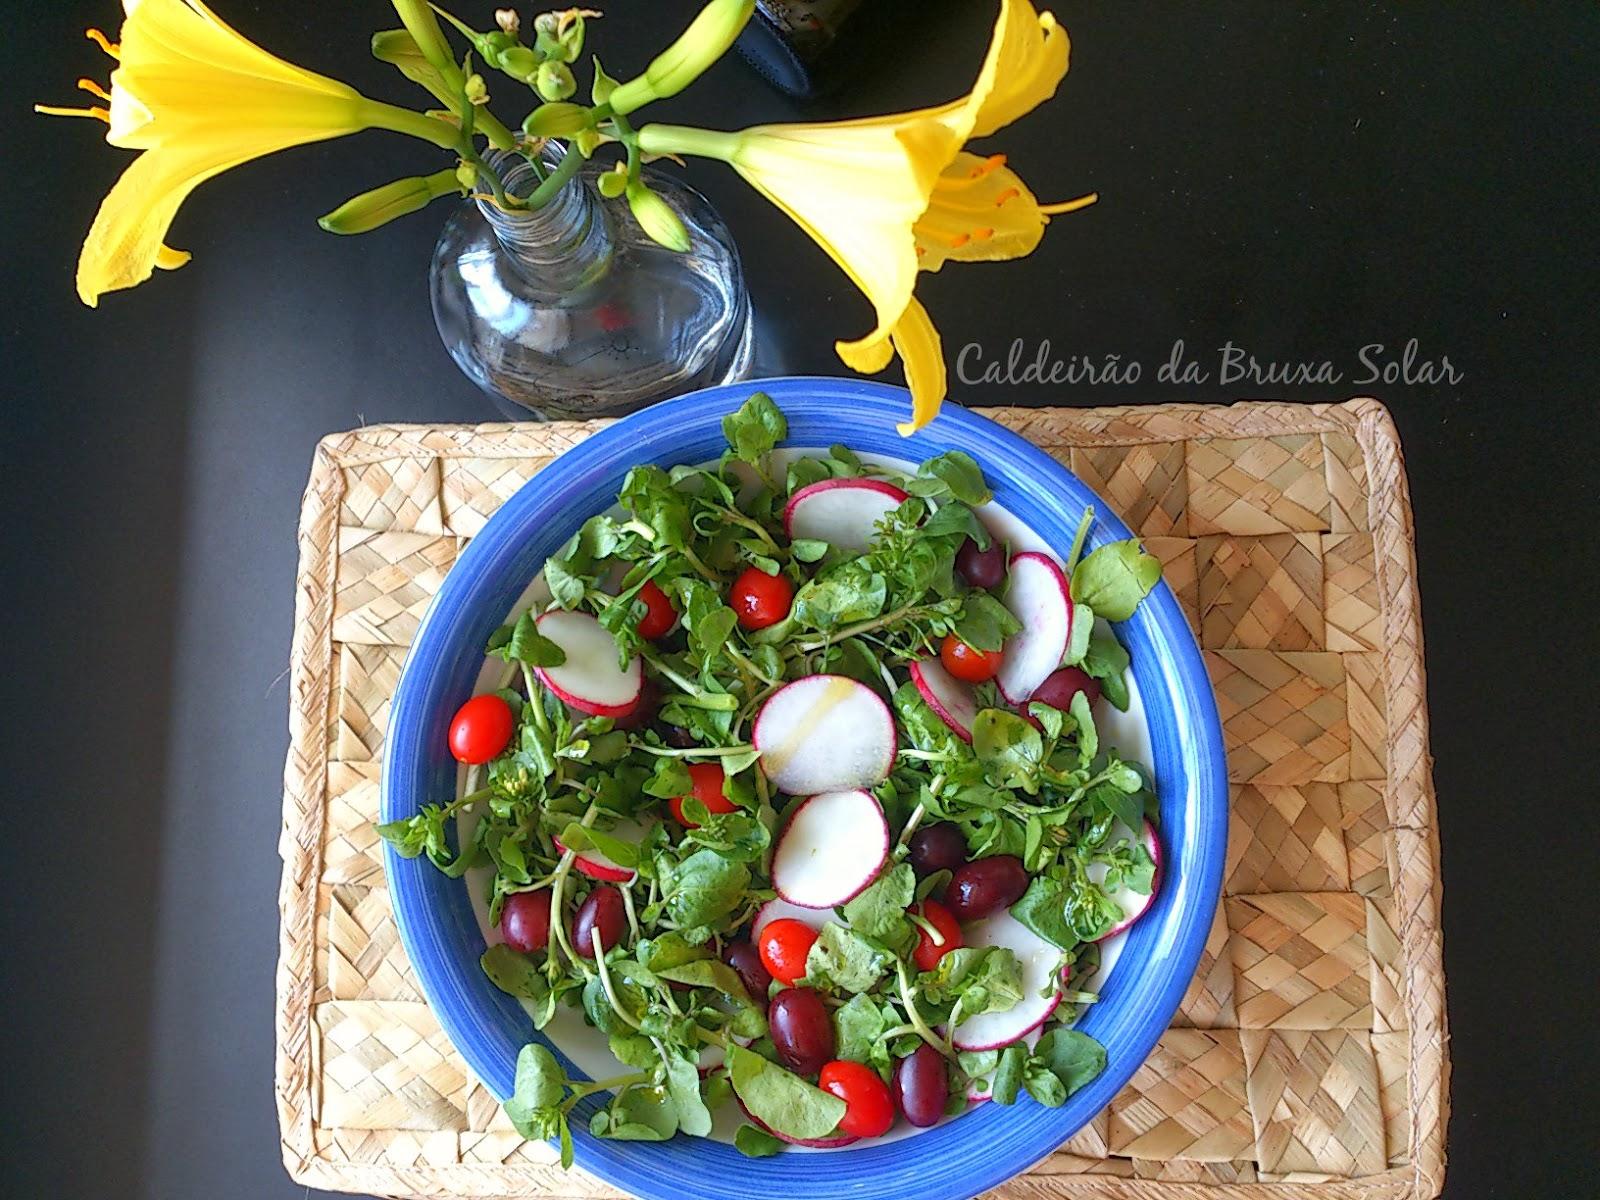 Salada de agrião com rabanetes, tomates e uvas